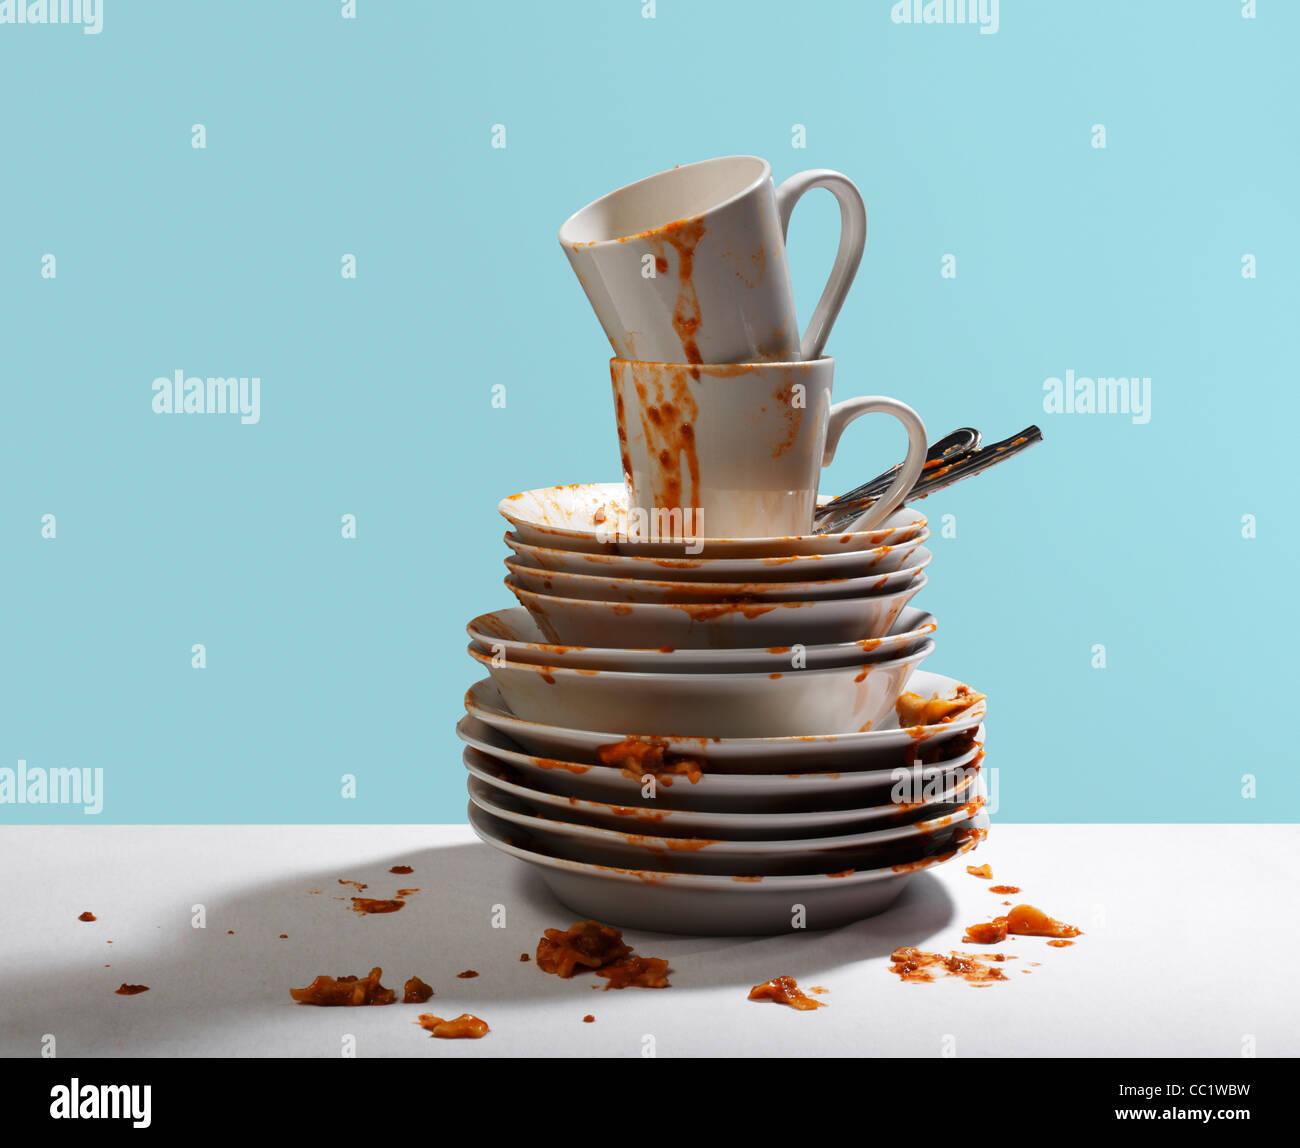 Studioaufnahme von schmutzigen, weißen Geschirr gestapelt Stockfoto